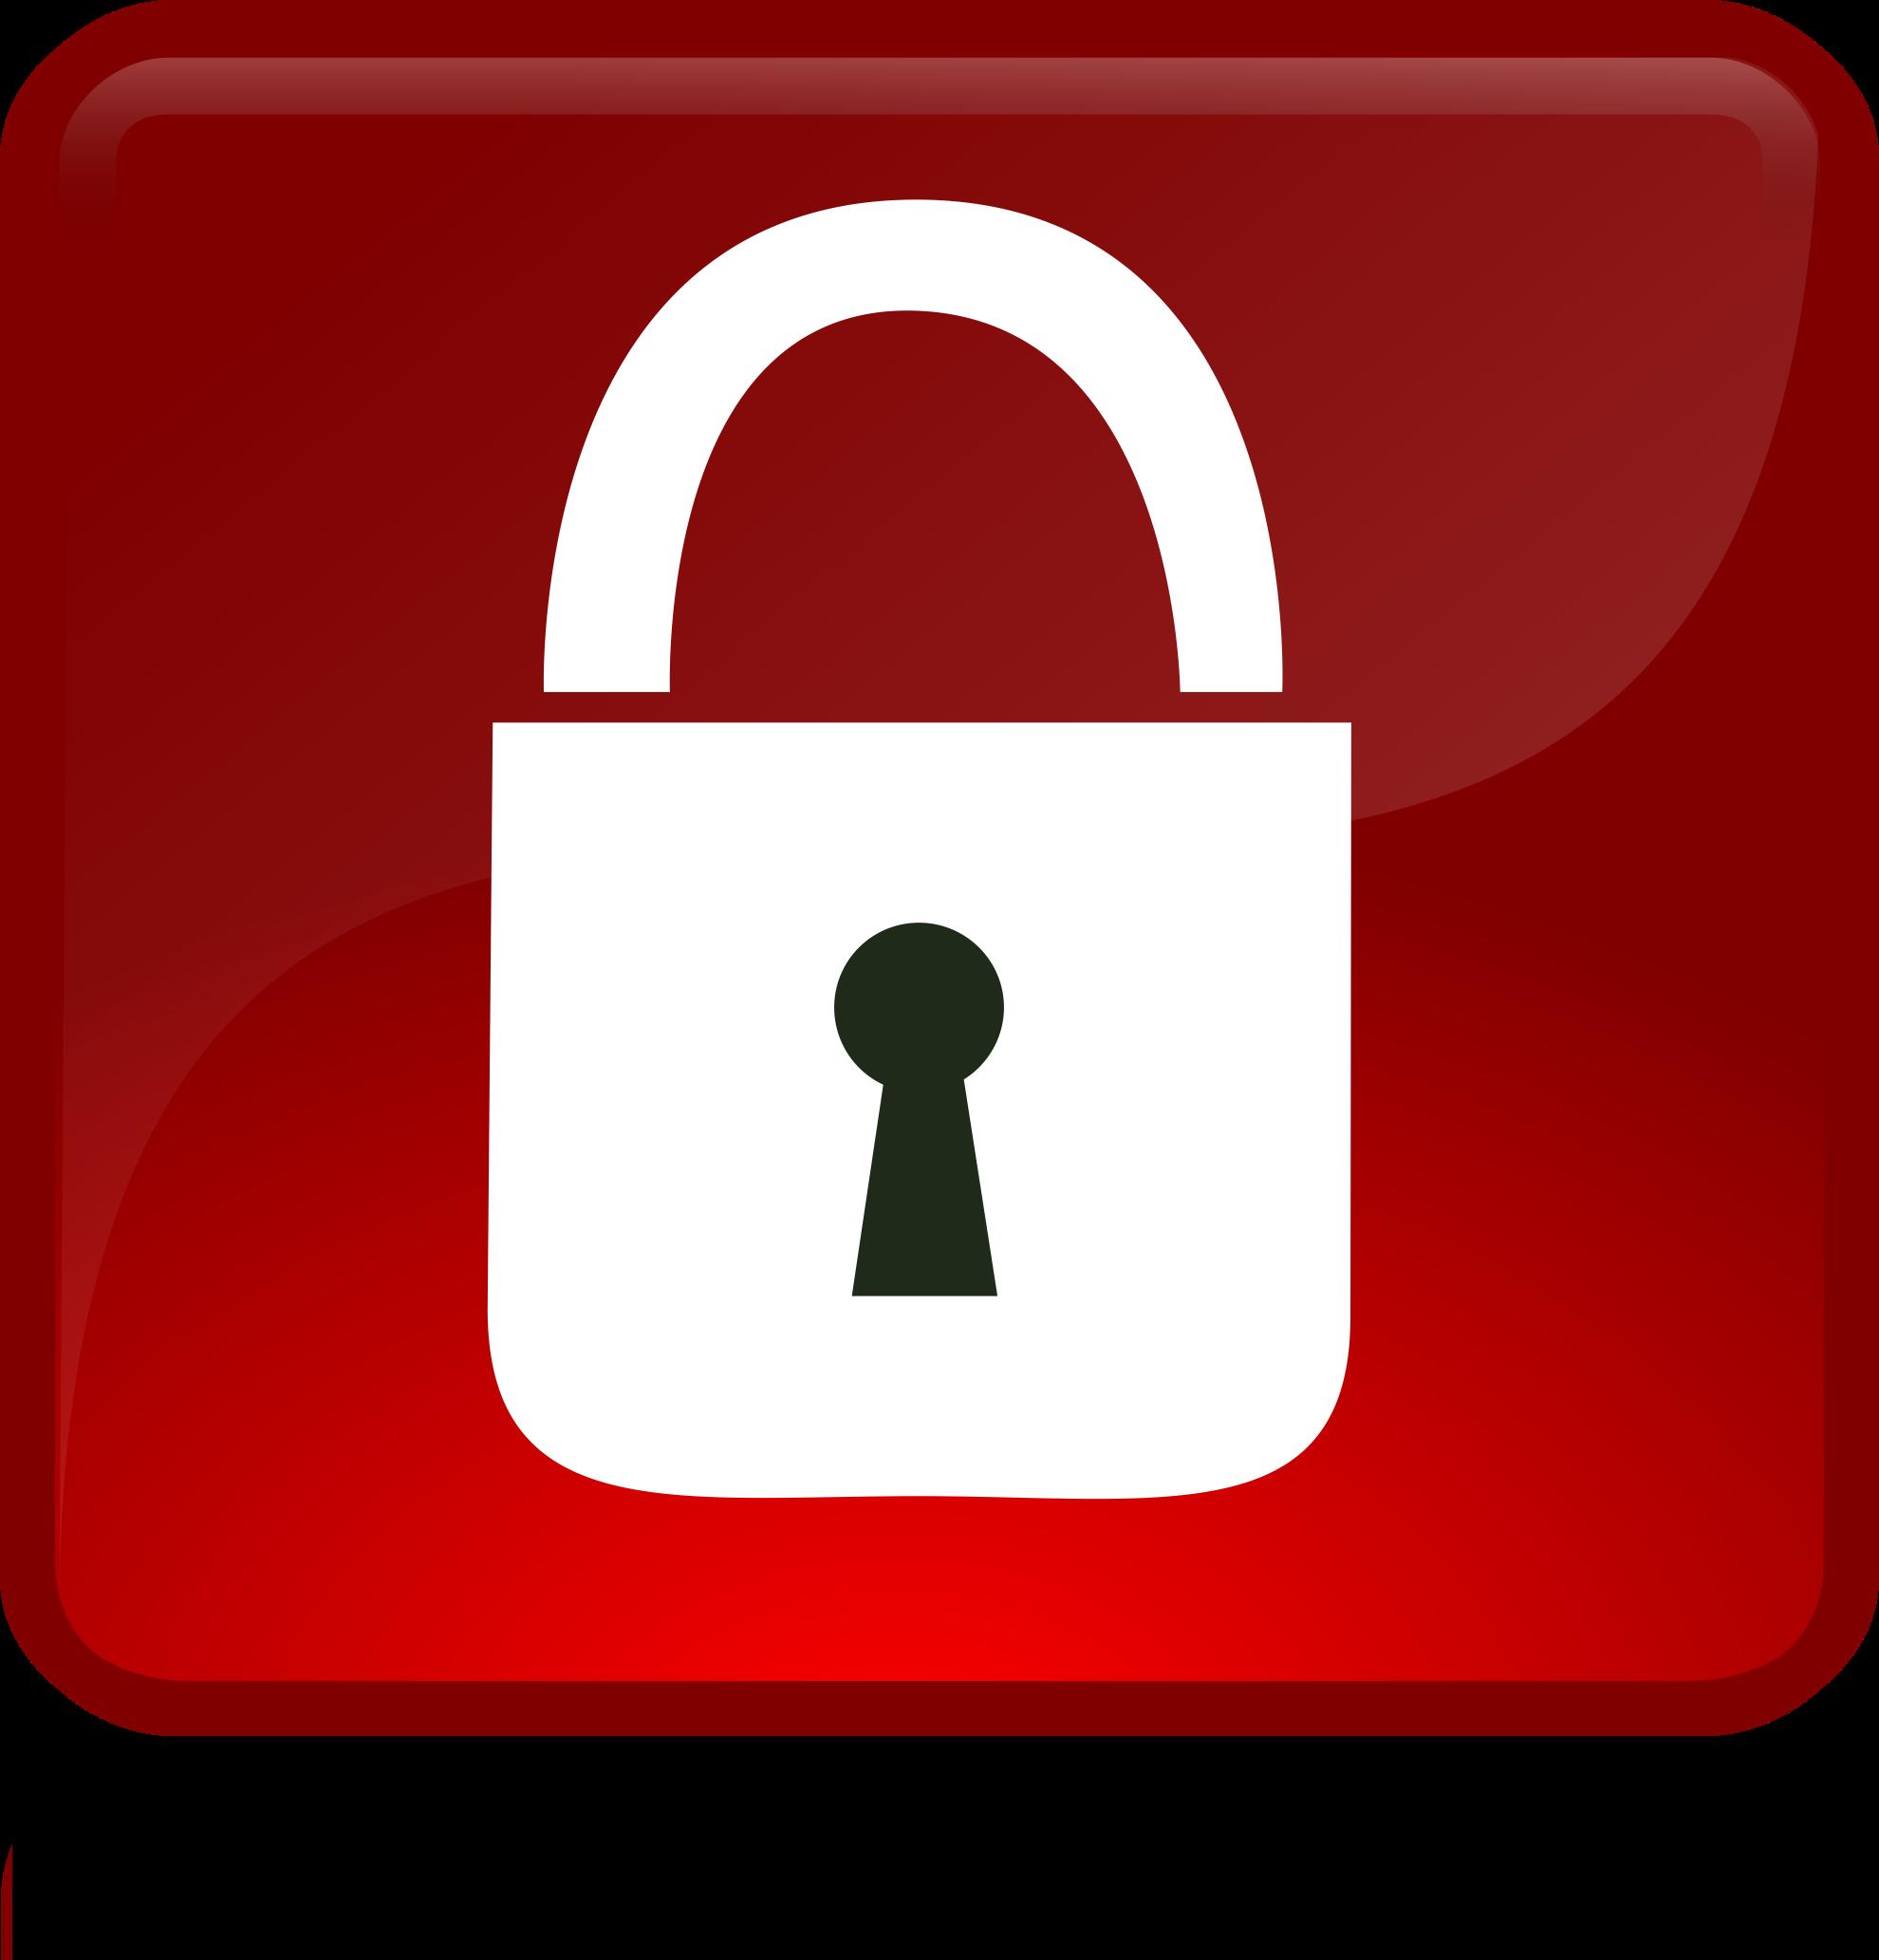 Lock clipart big. Free download clip art